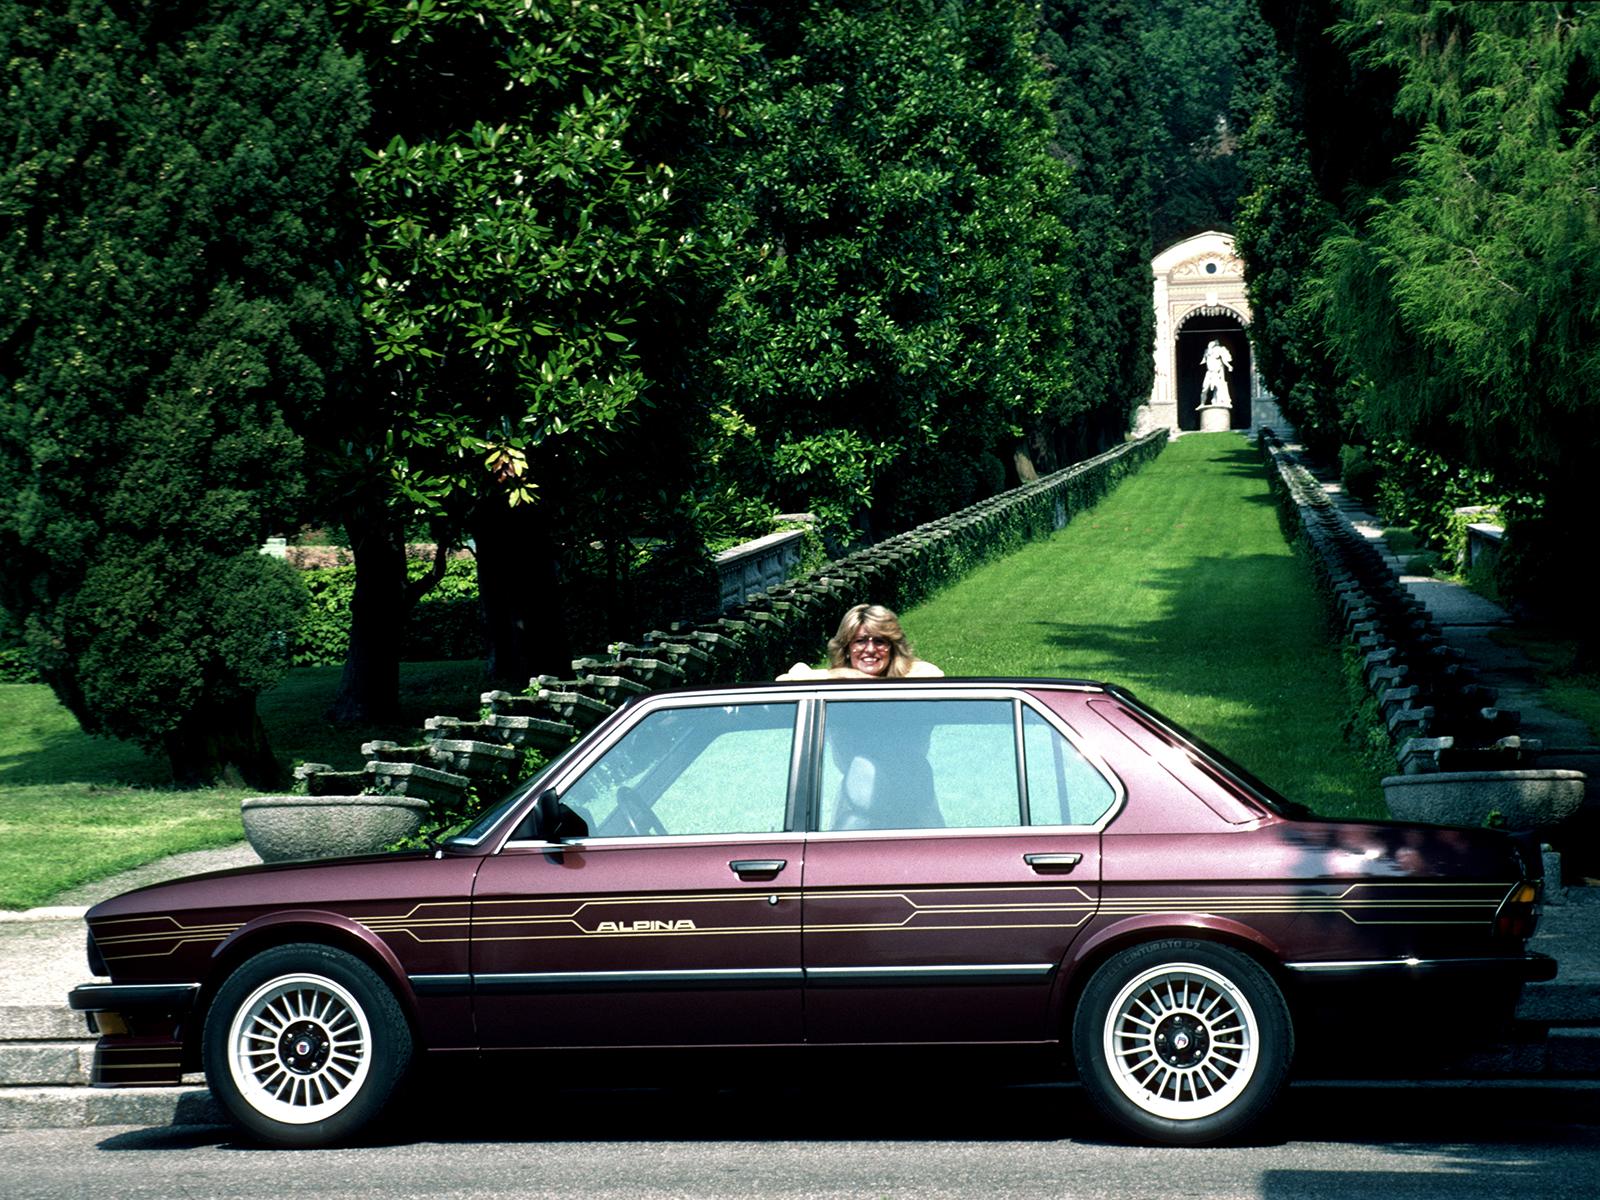 Bmw 5 Series E28 Alpina Automobiles